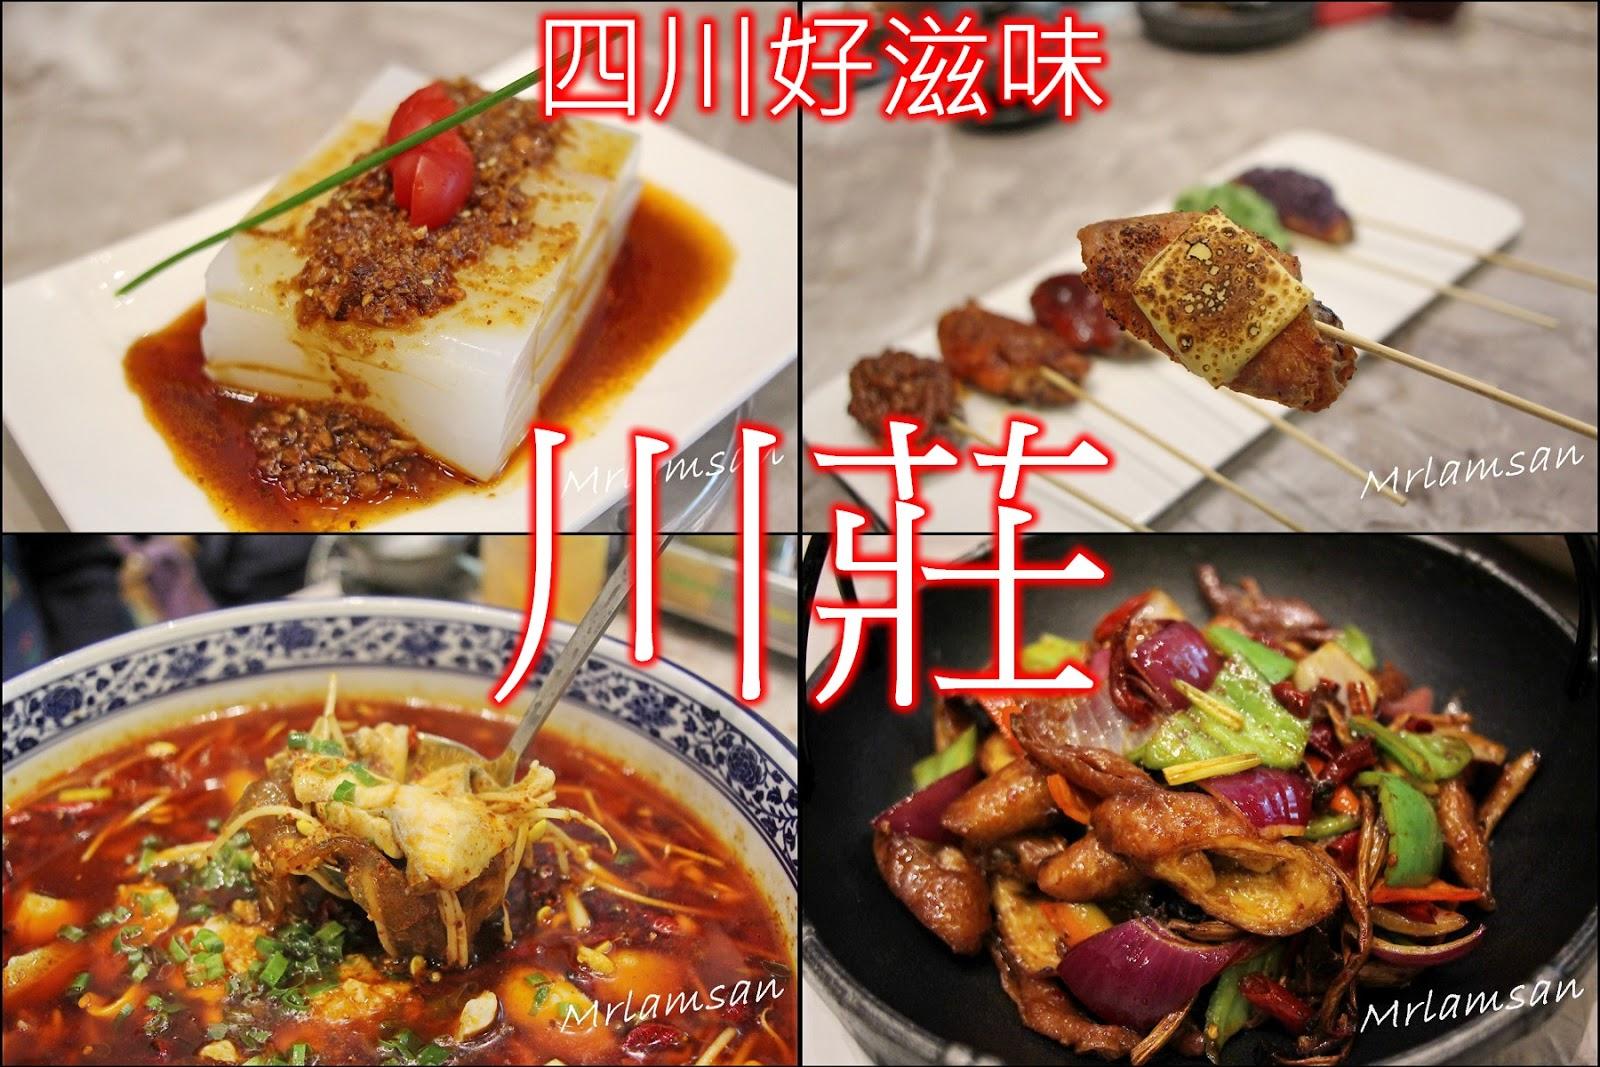 林公子生活遊記: 川菜好滋味 朗豪坊新店 有辣有唔辣 即燒川燒 成都水煮魚片 特色小菜